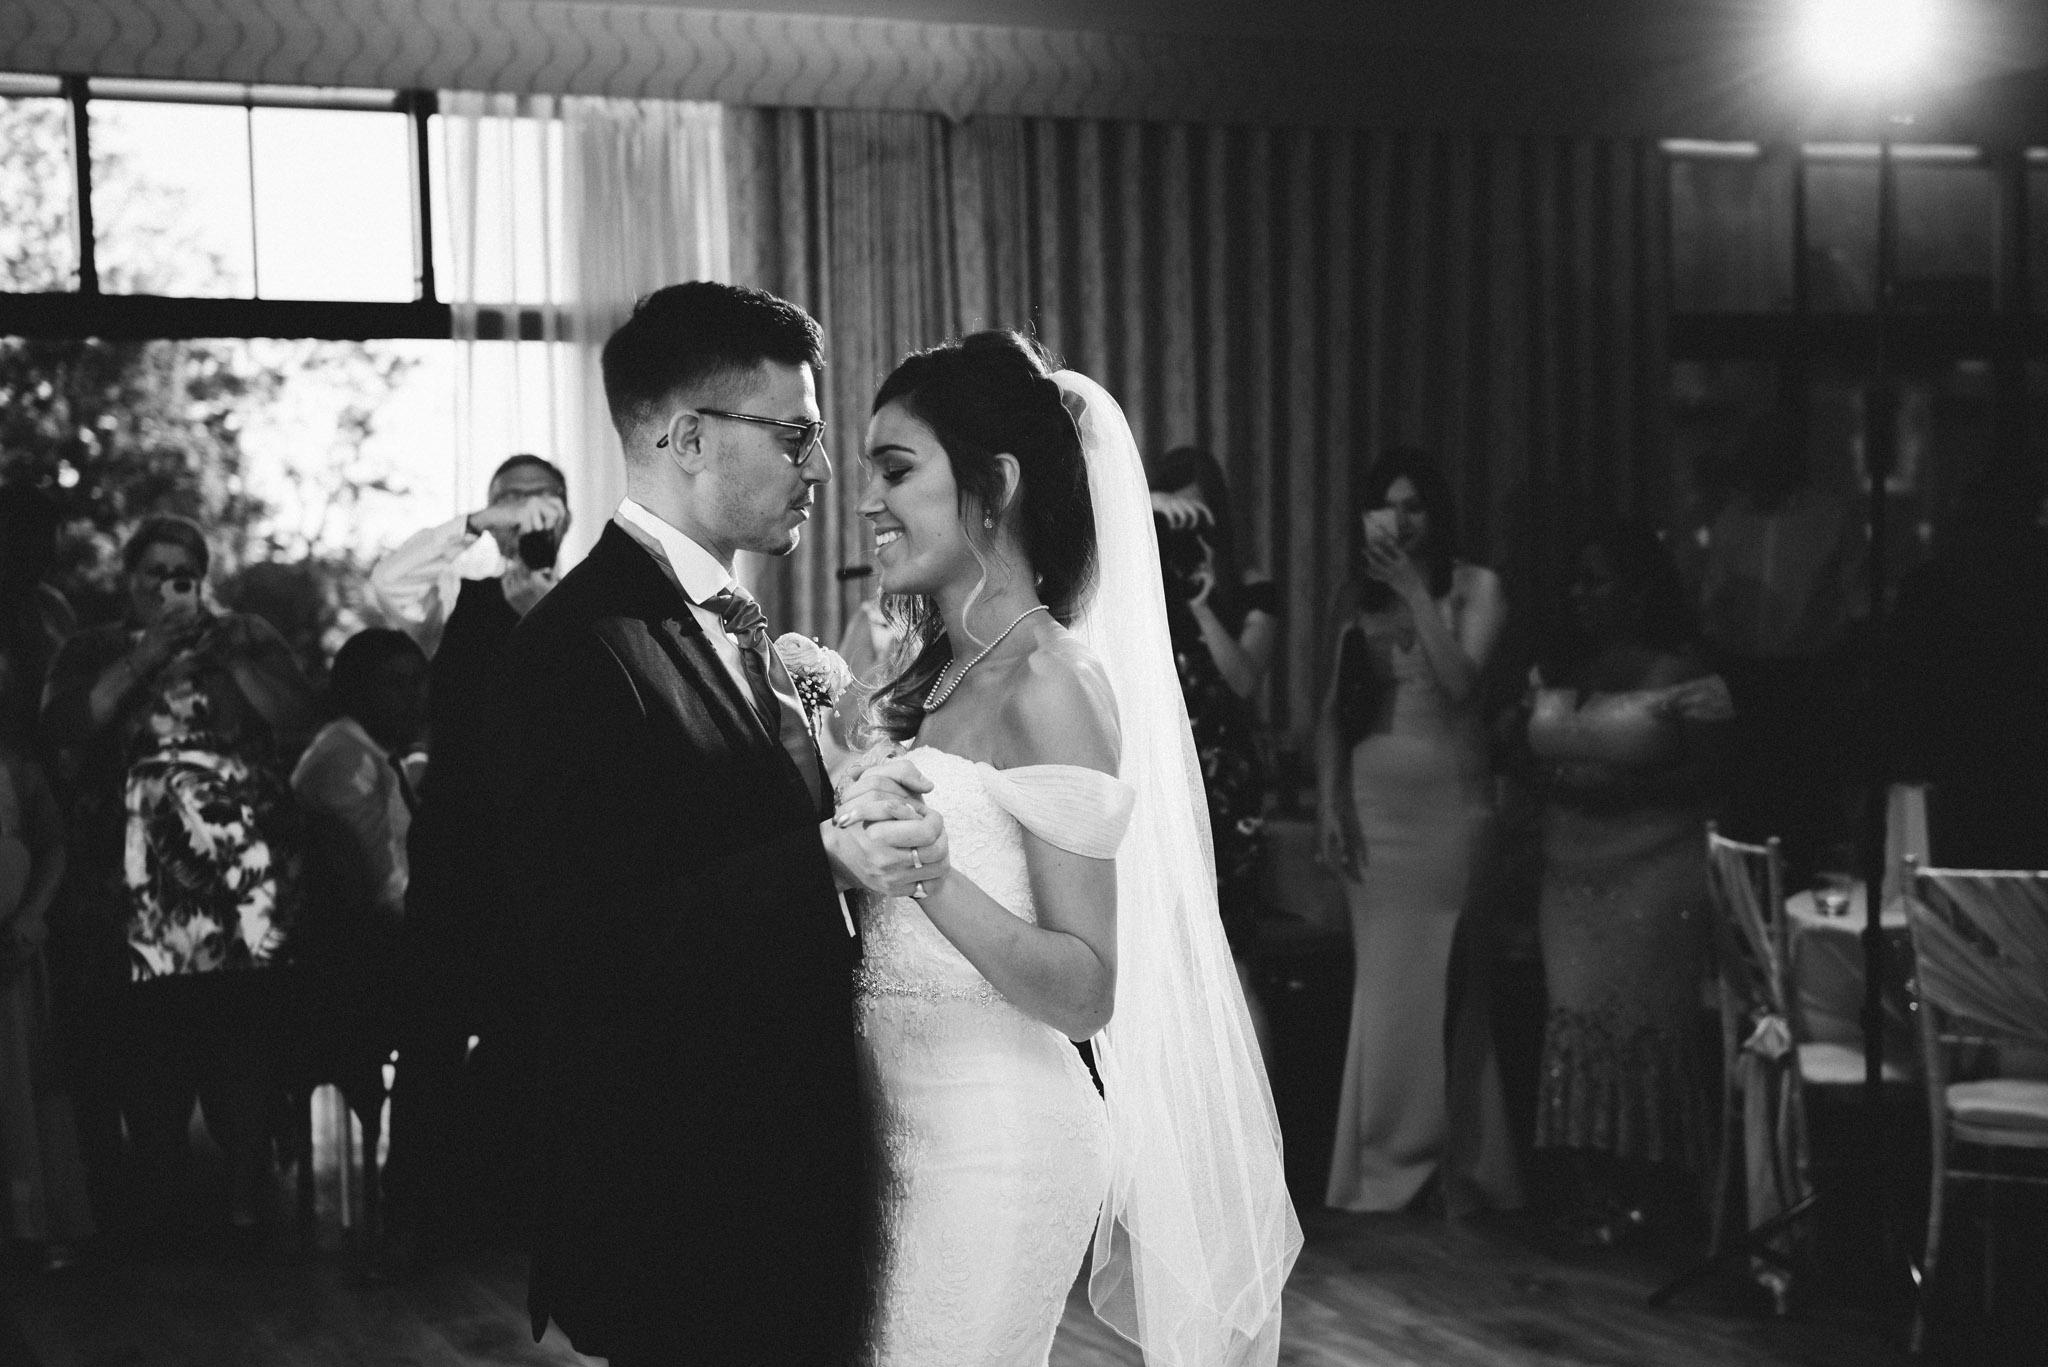 scott-stockwell-wedding-photographer-wood-norton-evesham357.jpg